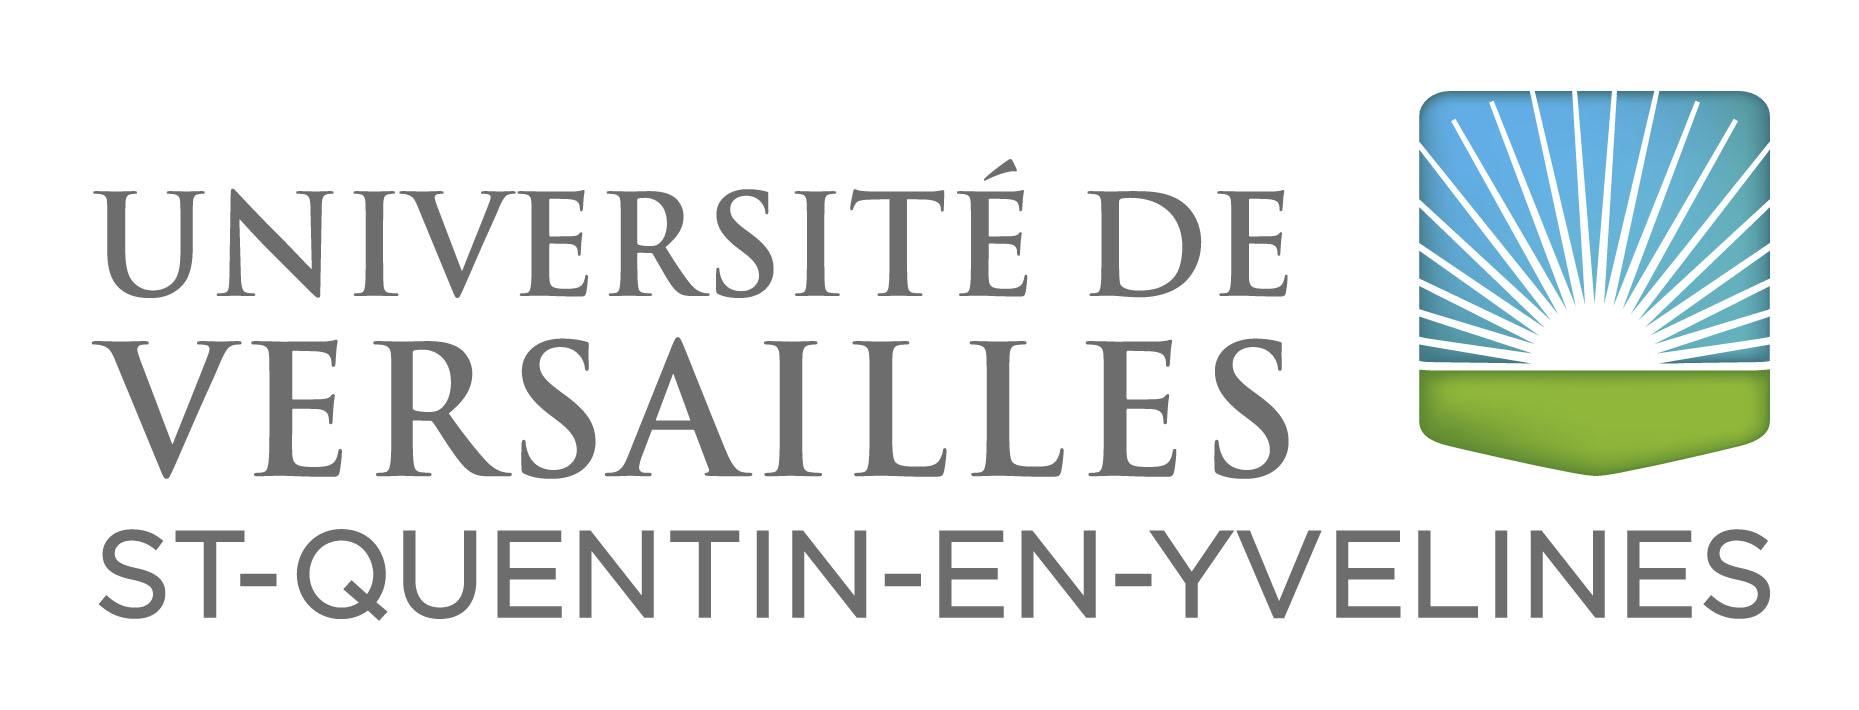 uvsq-logo-web